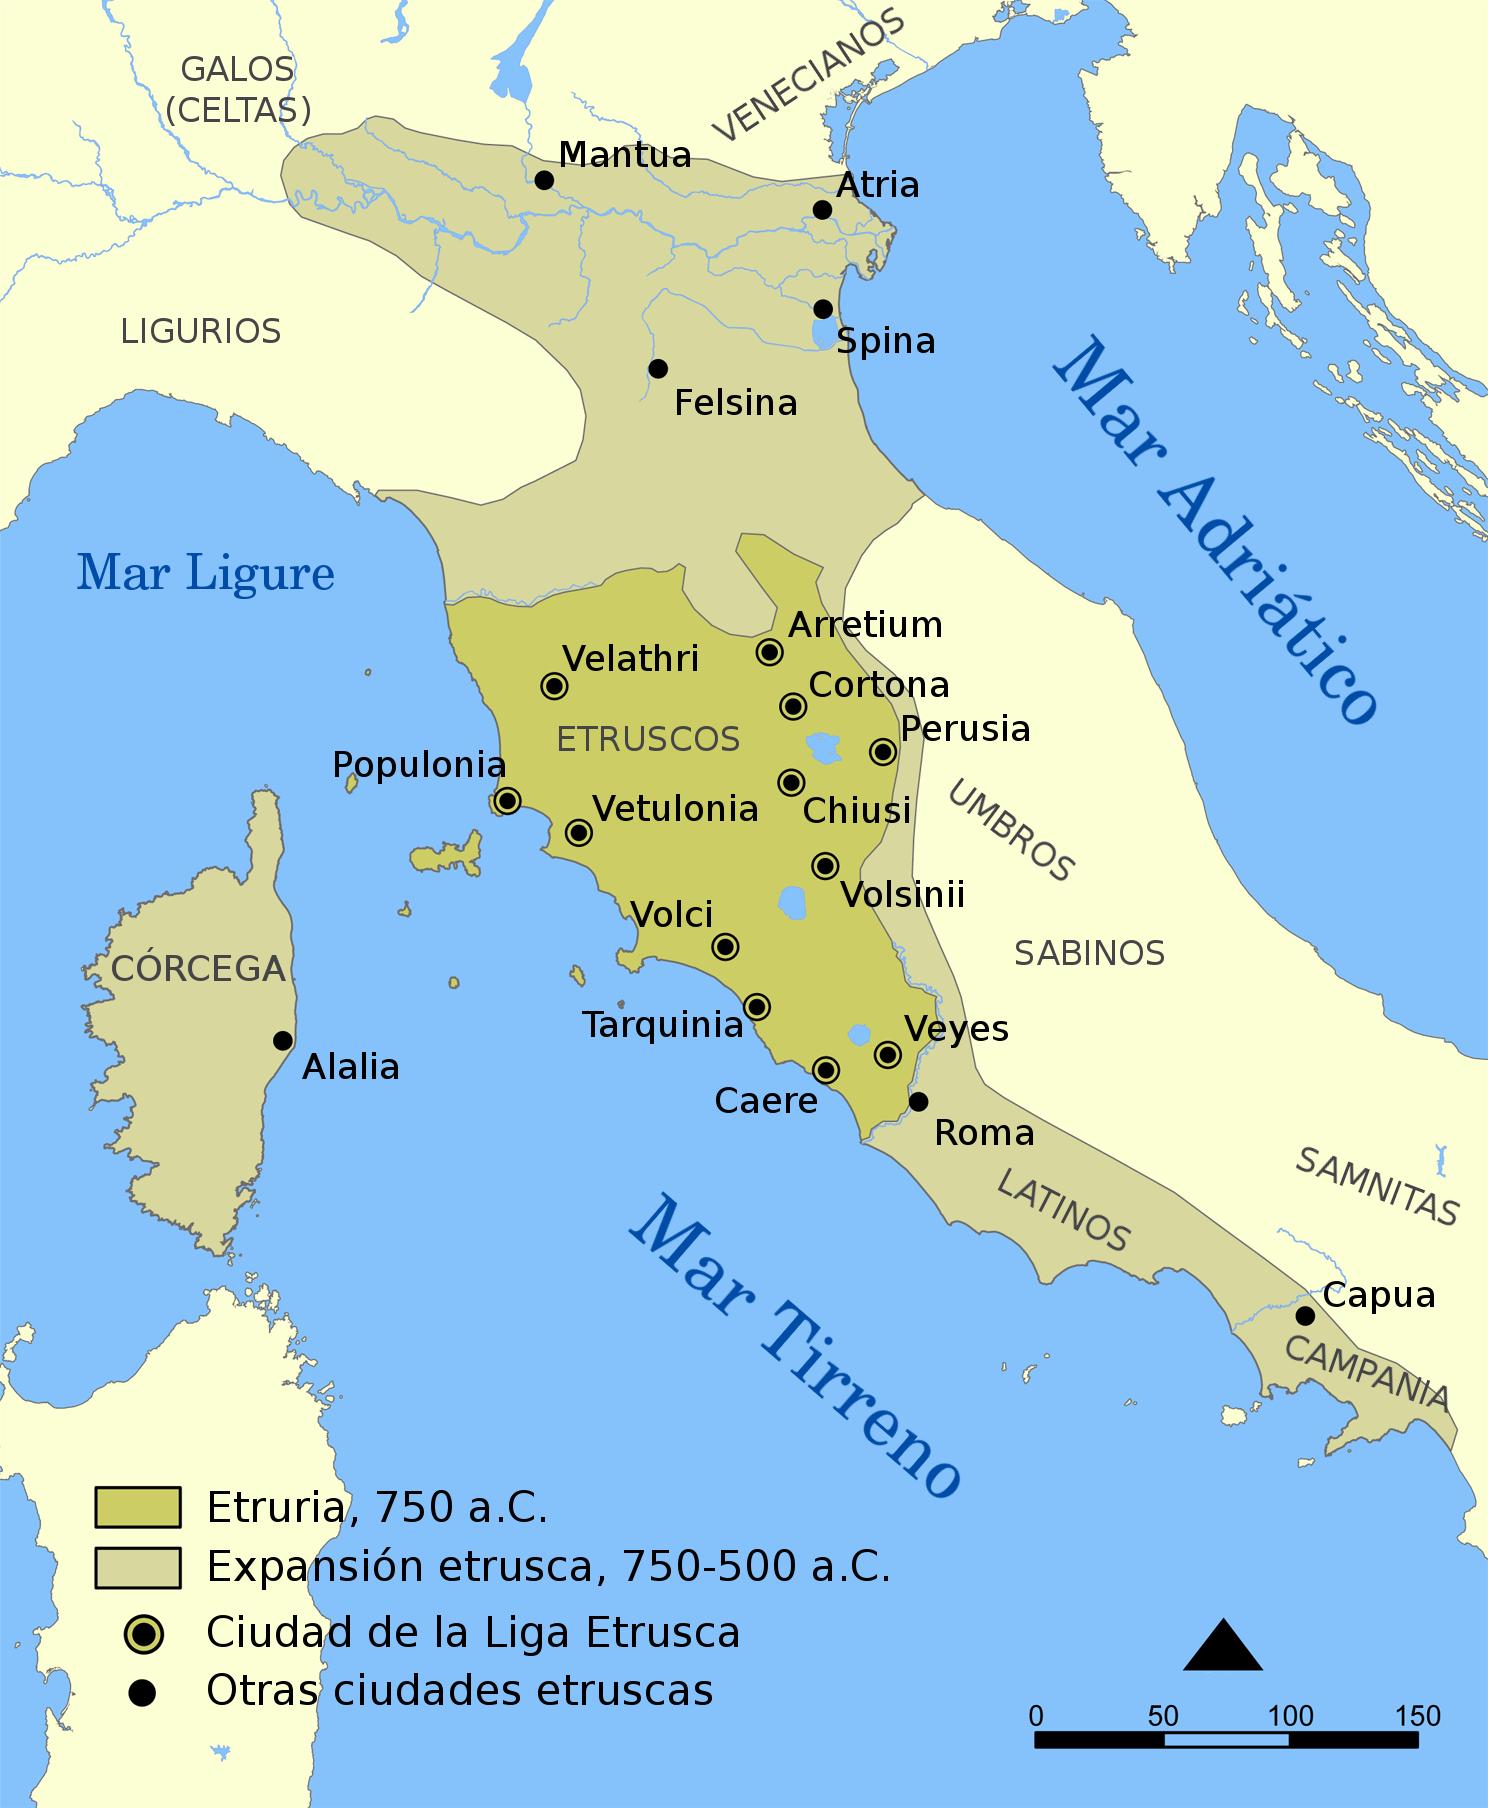 Depiction of Etruria